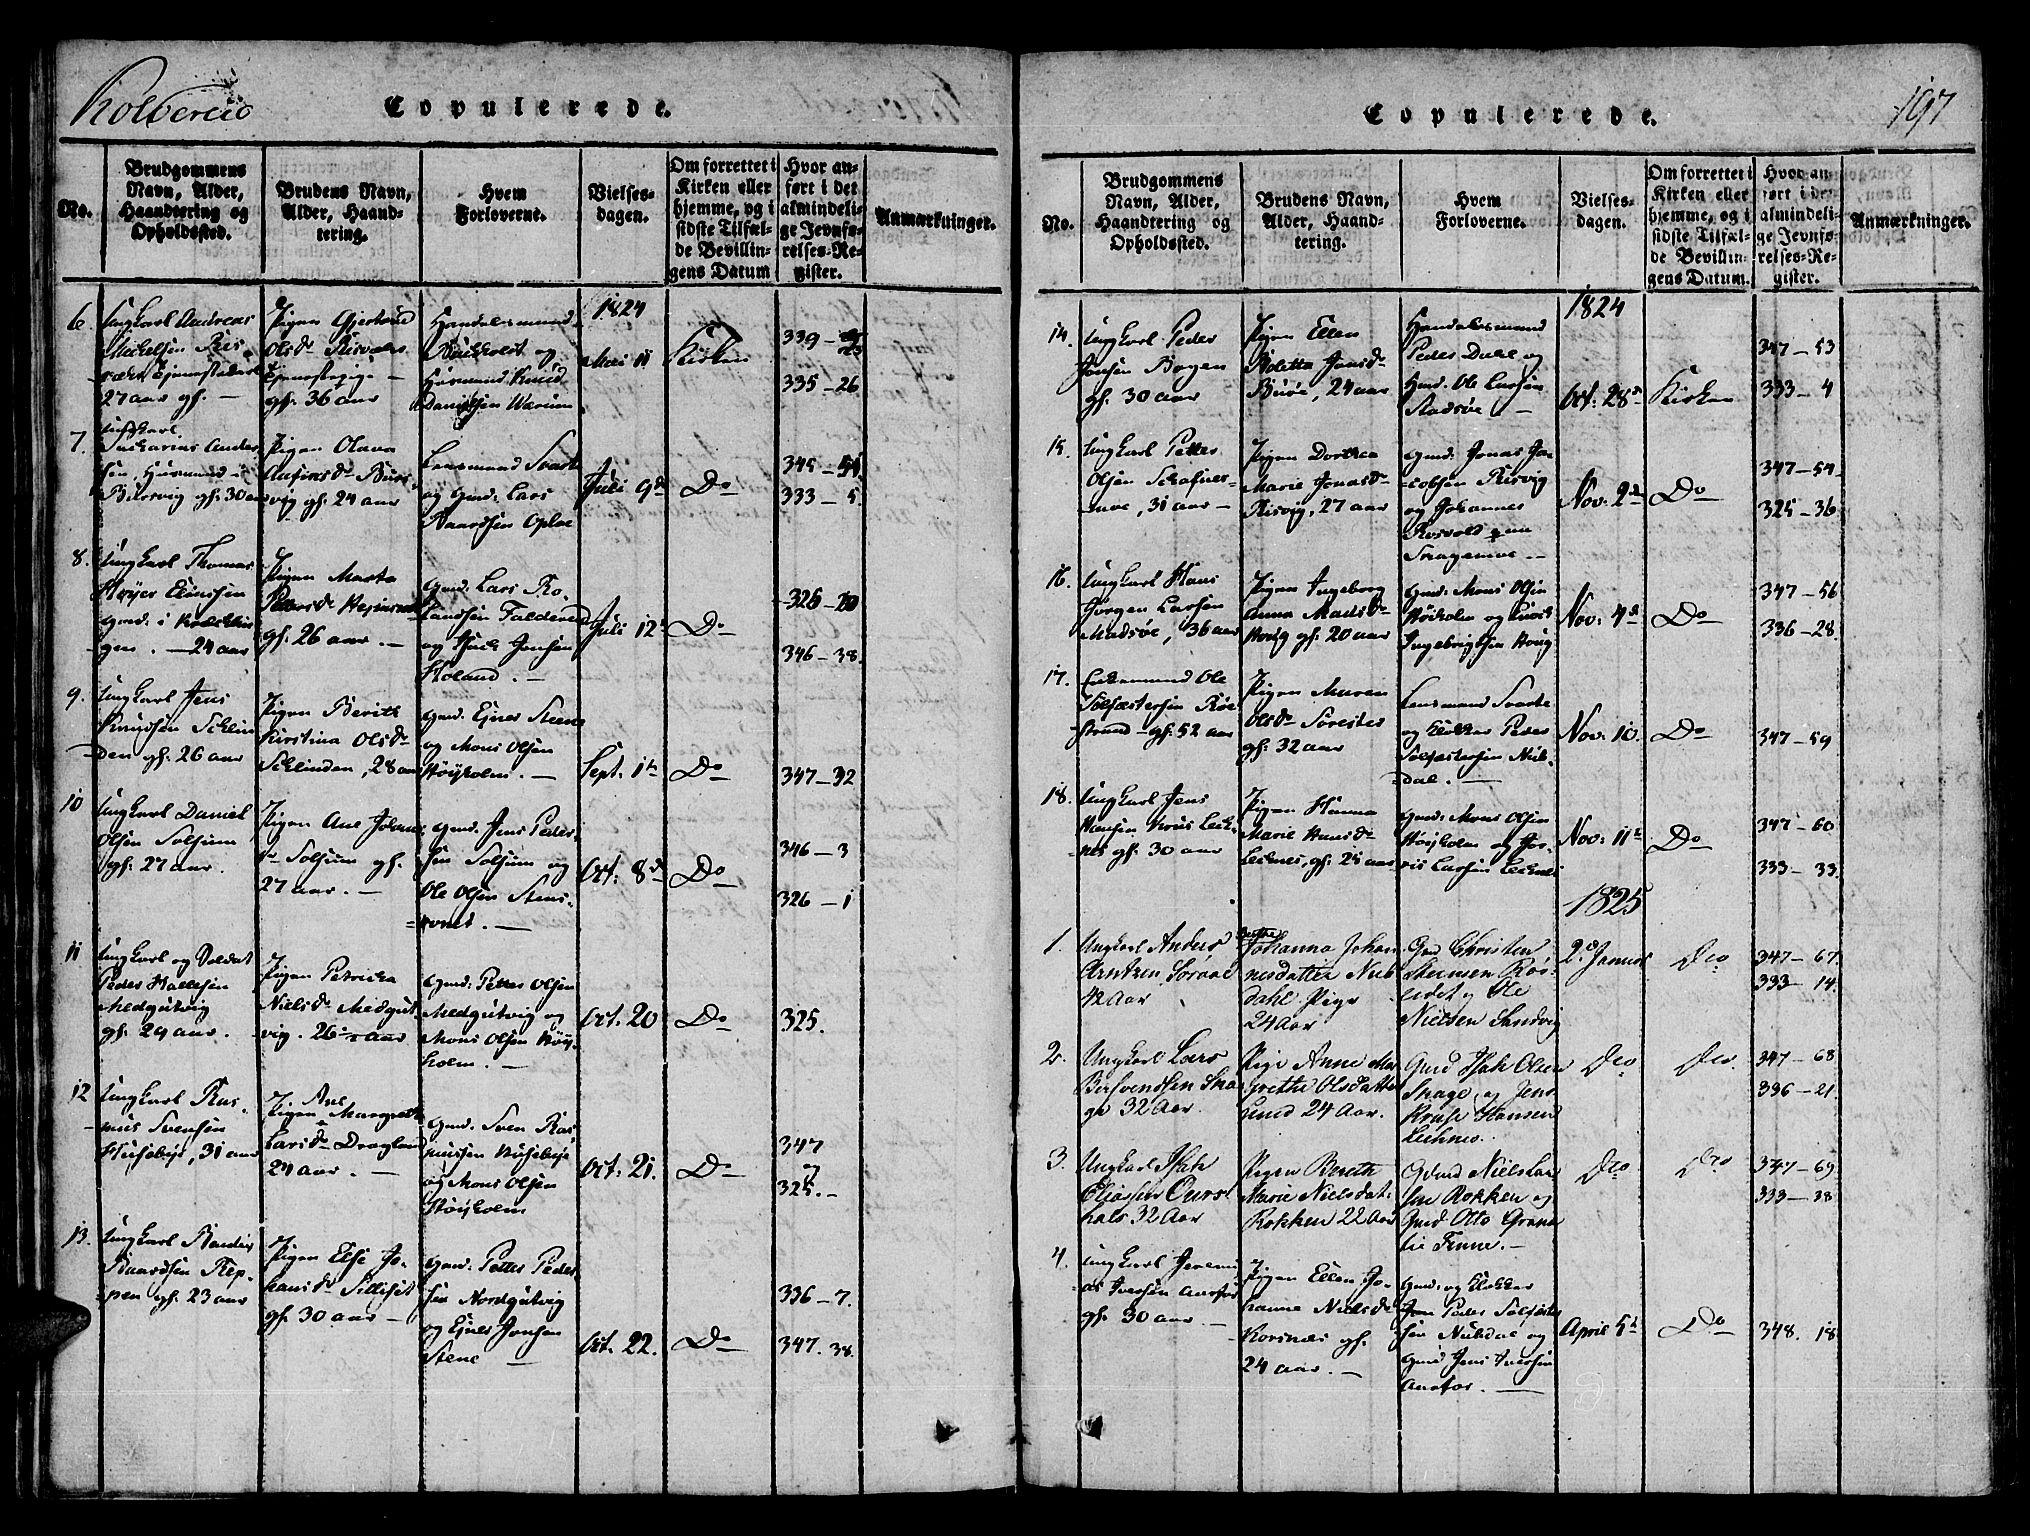 SAT, Ministerialprotokoller, klokkerbøker og fødselsregistre - Nord-Trøndelag, 780/L0636: Ministerialbok nr. 780A03 /1, 1815-1830, s. 197